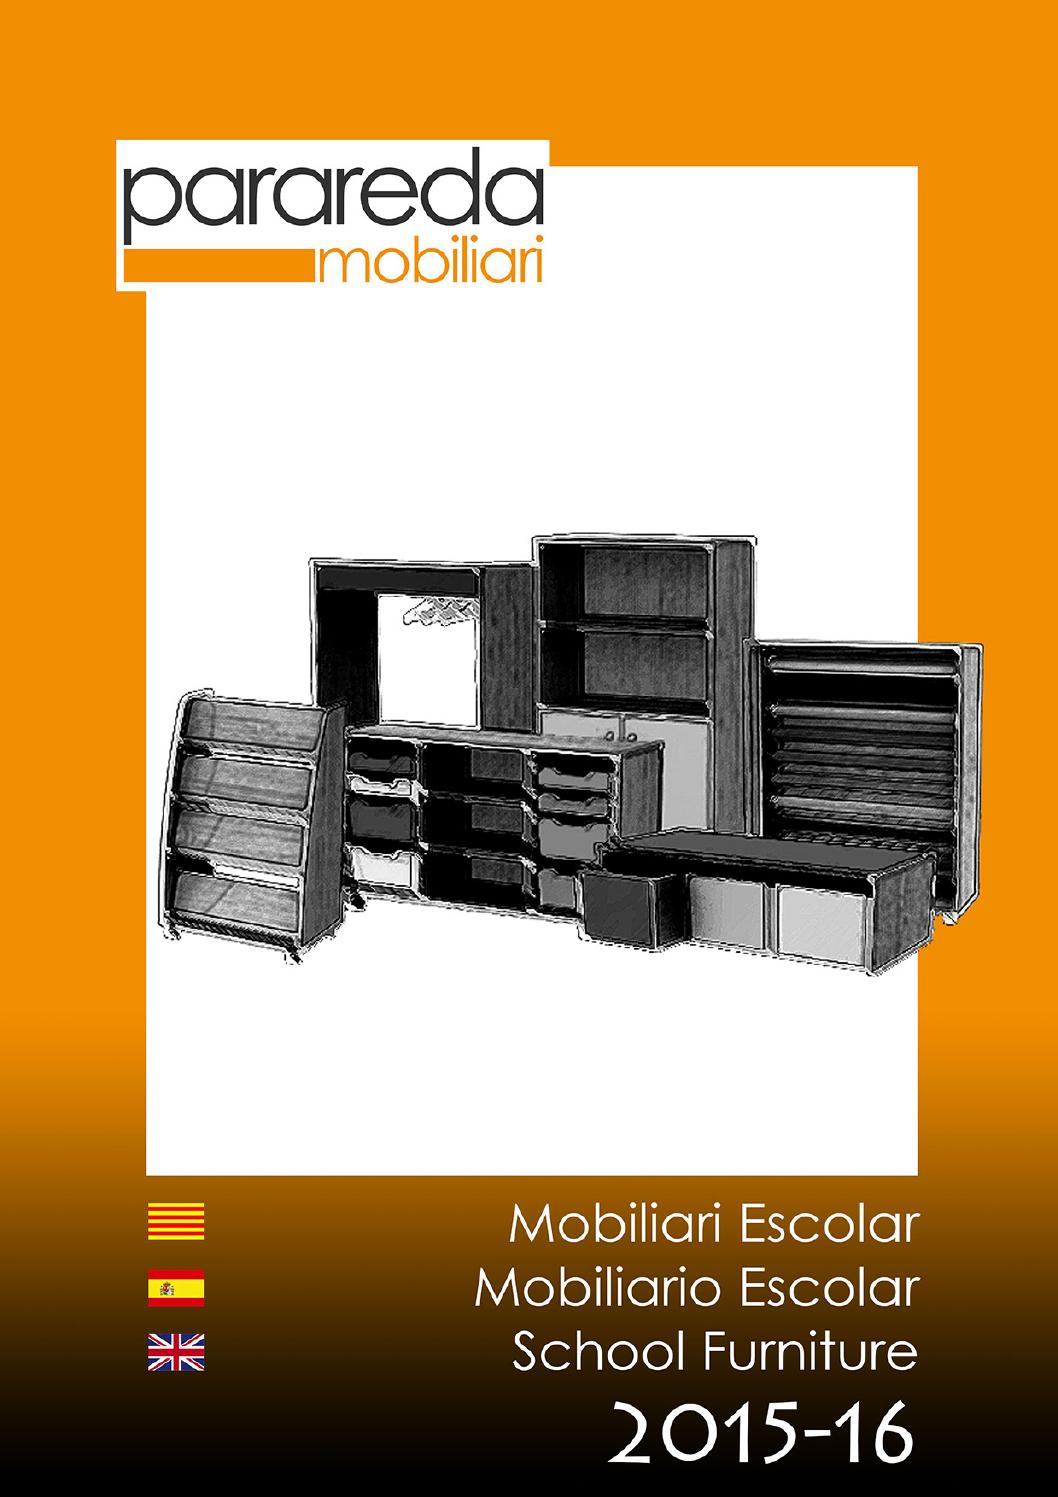 Parareda Mobiliari Escolar School 2015 16 By Parareda